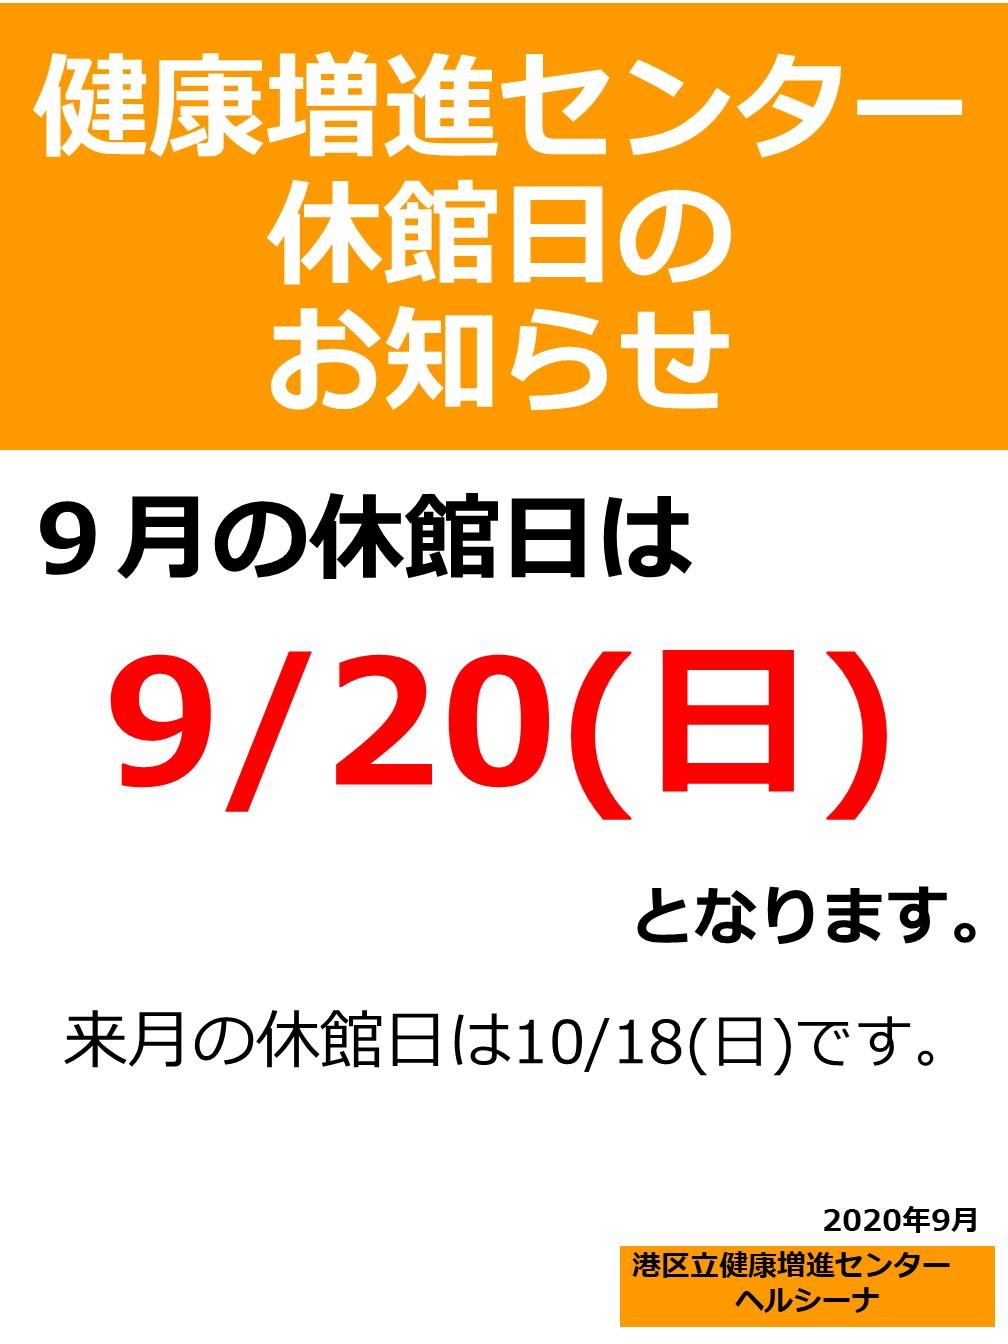 (掲示)(施設)休館日のおしらせ202009.jpg